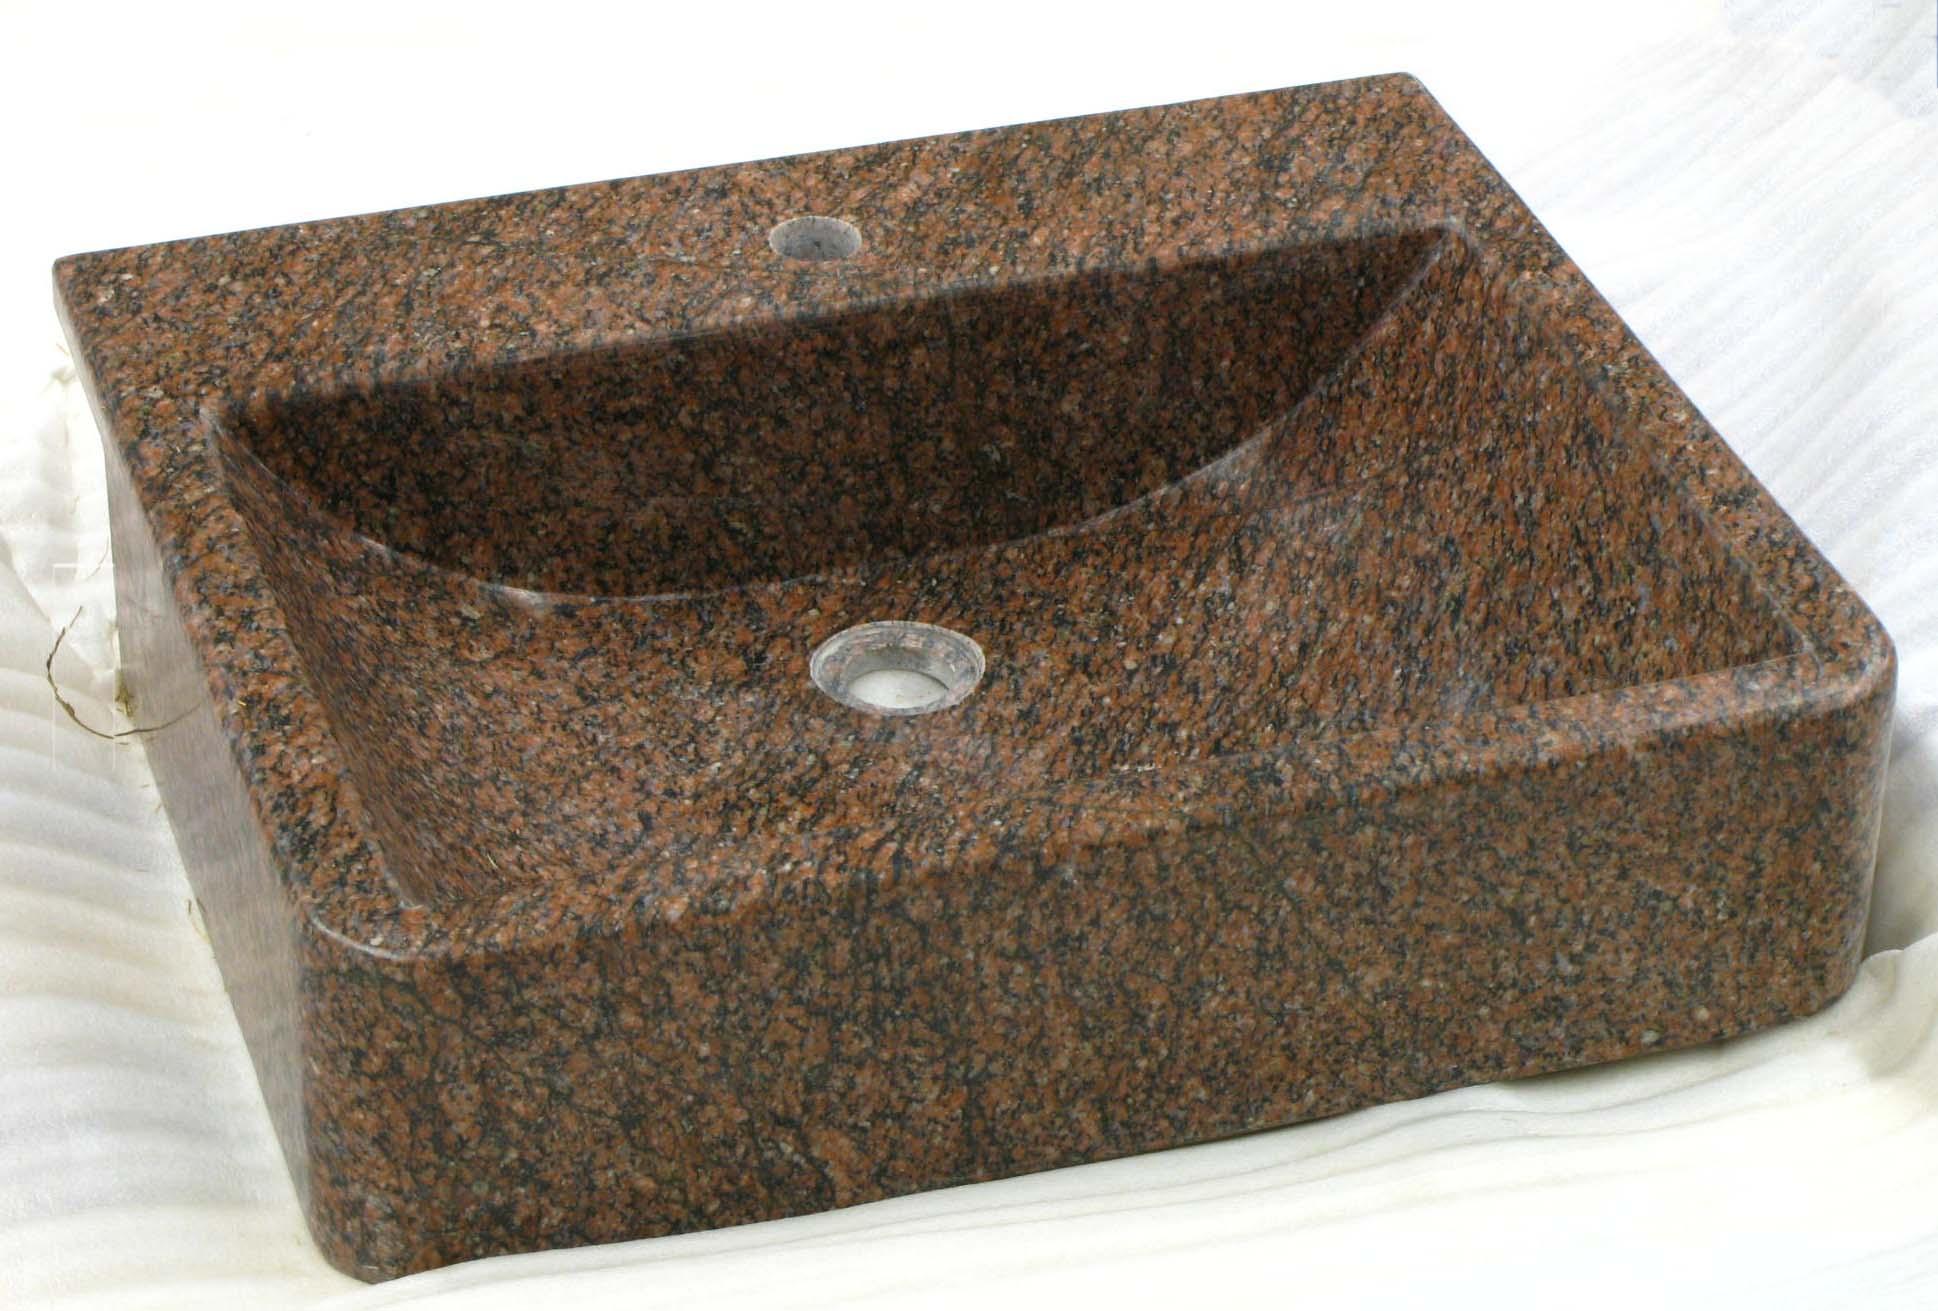 Canyon Bath Granite Sinks